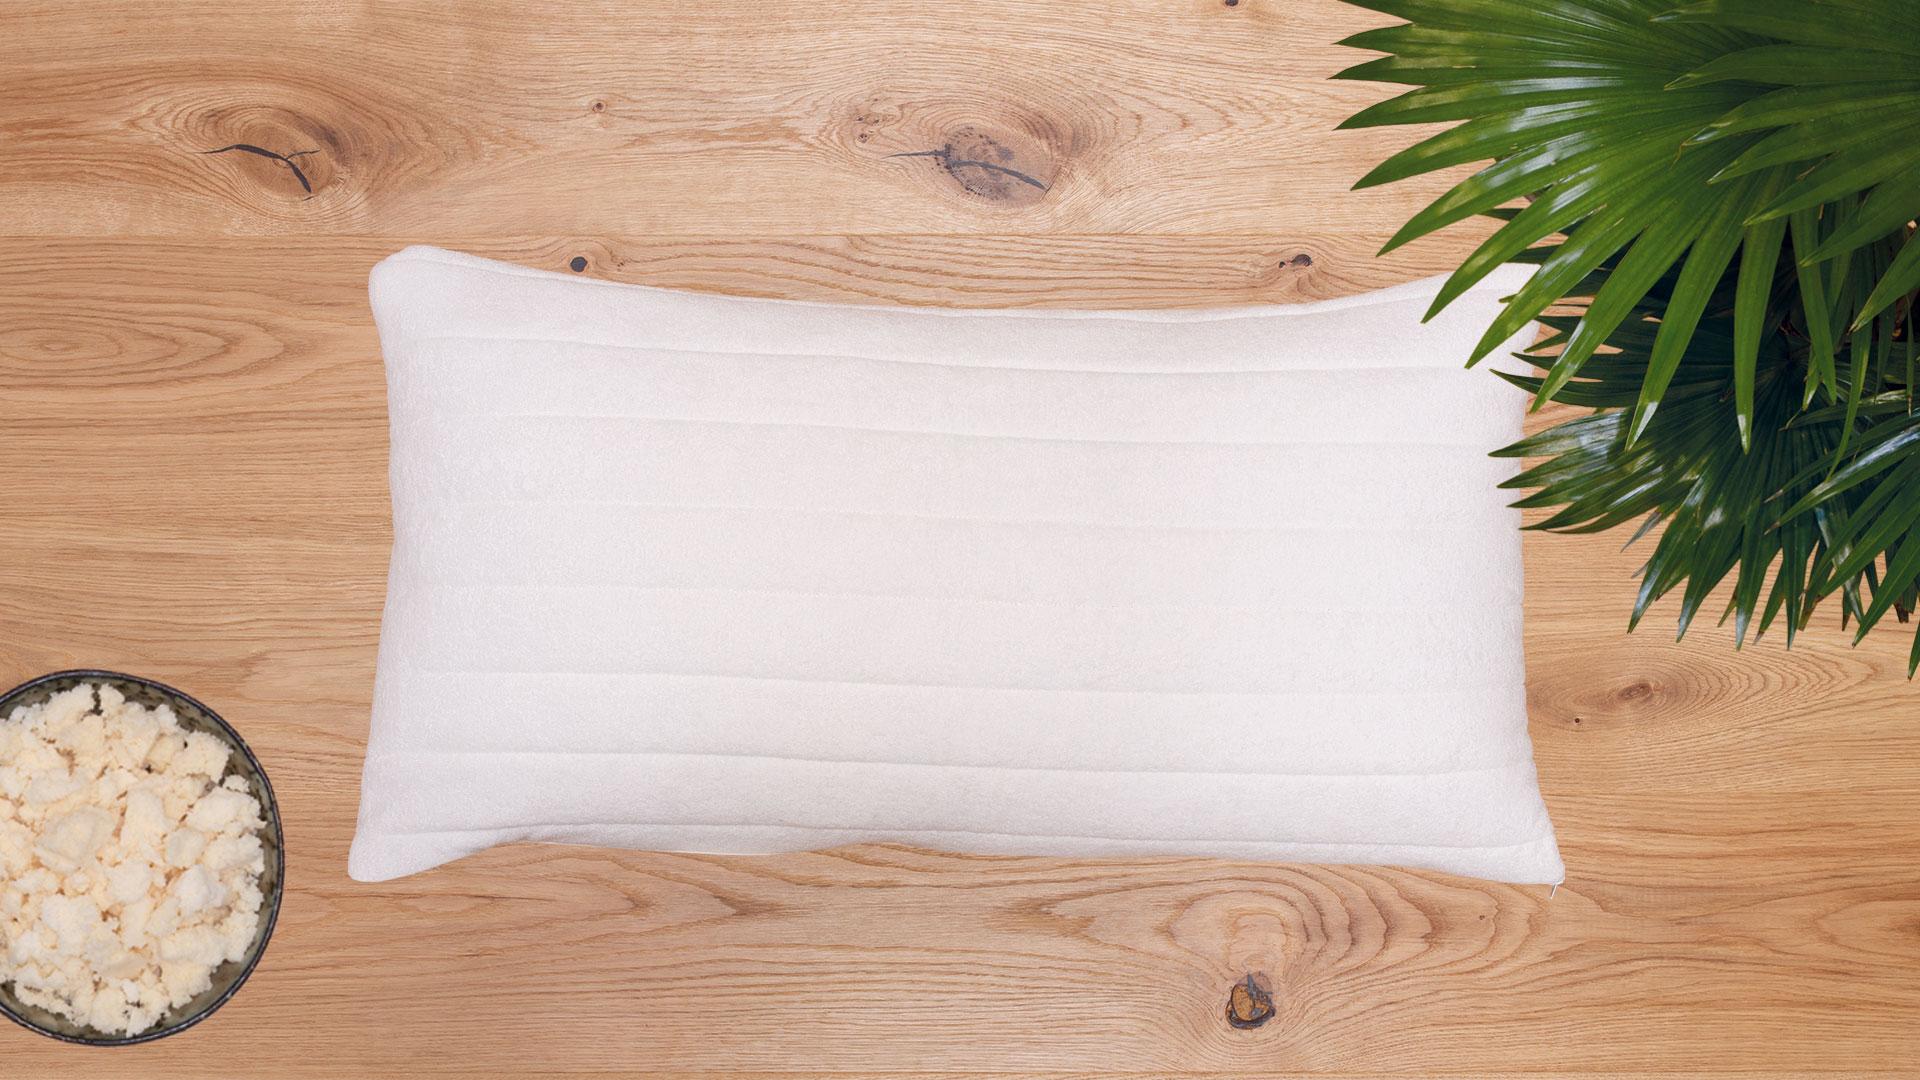 beste kopfkissen schiebet ren f r begehbare kleiderschr nke kopfkissen seitenschl fer gr ne. Black Bedroom Furniture Sets. Home Design Ideas